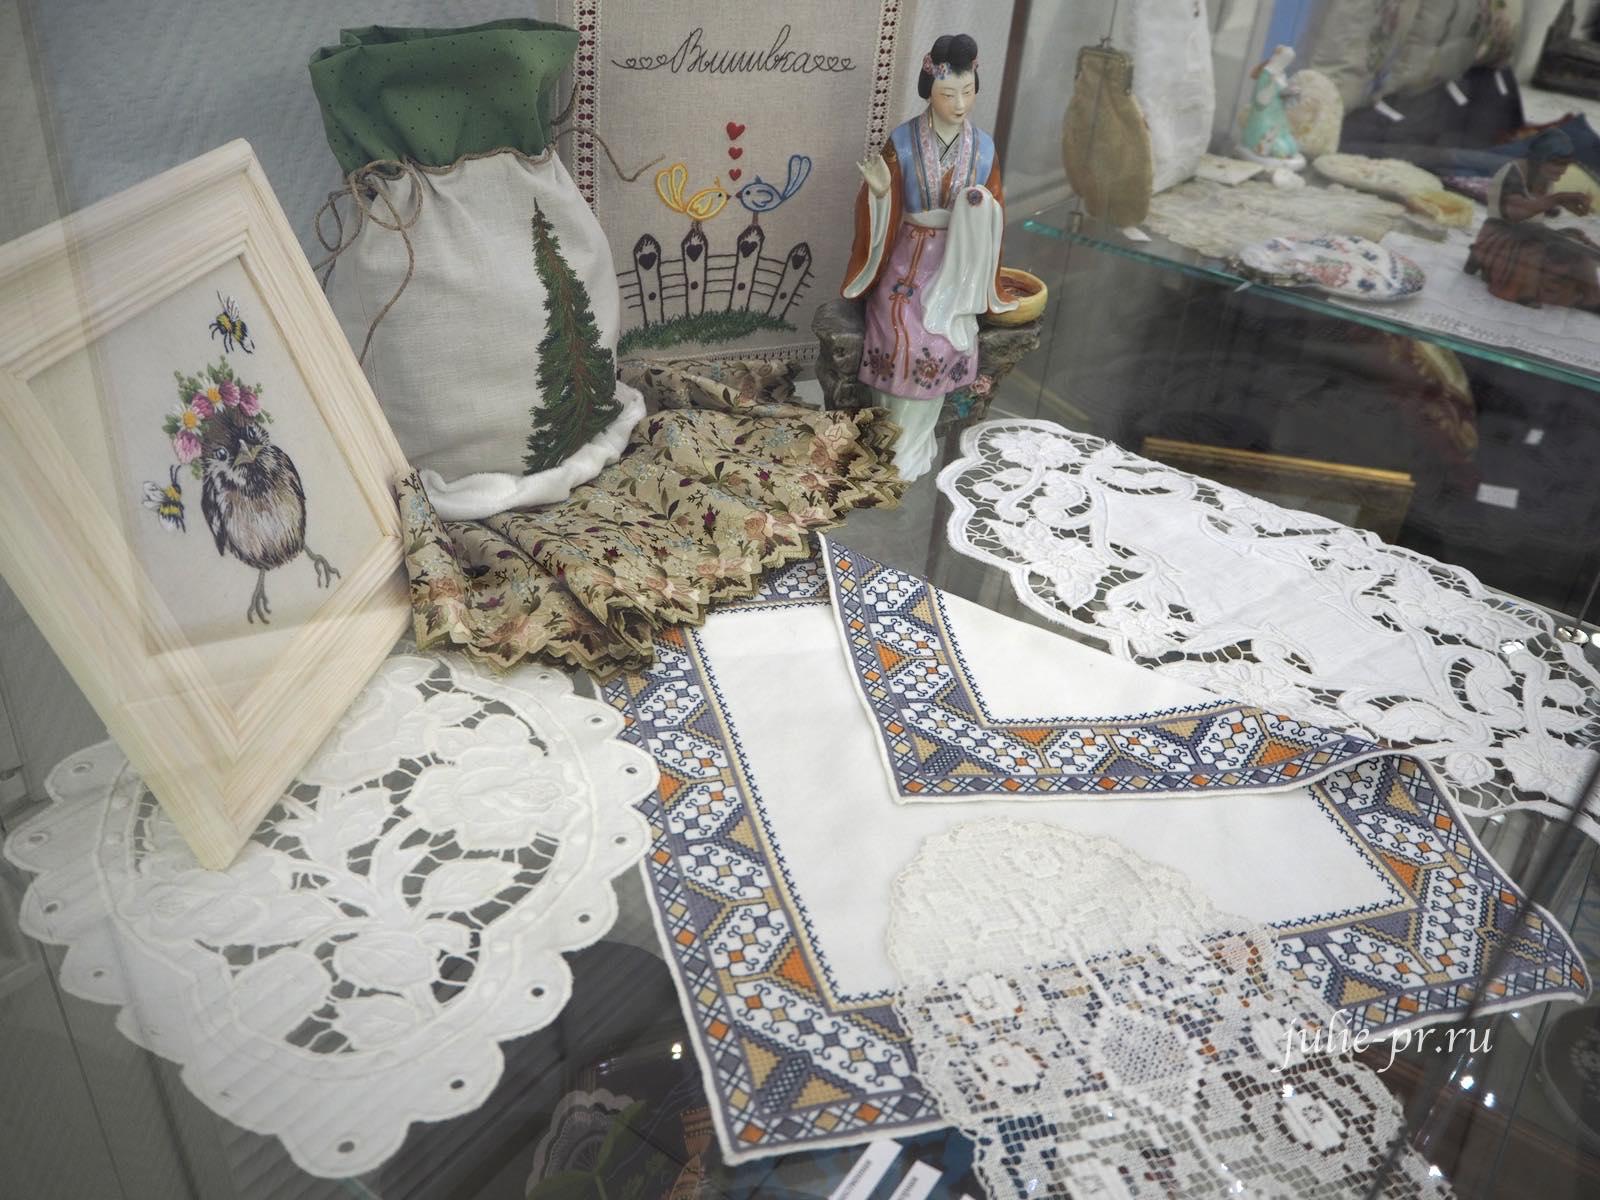 ришелье, двусторонний тамбовский крест, вышивка, выставка, Иголочка тонка, да достаёт до сердца, Санкт-Петербг